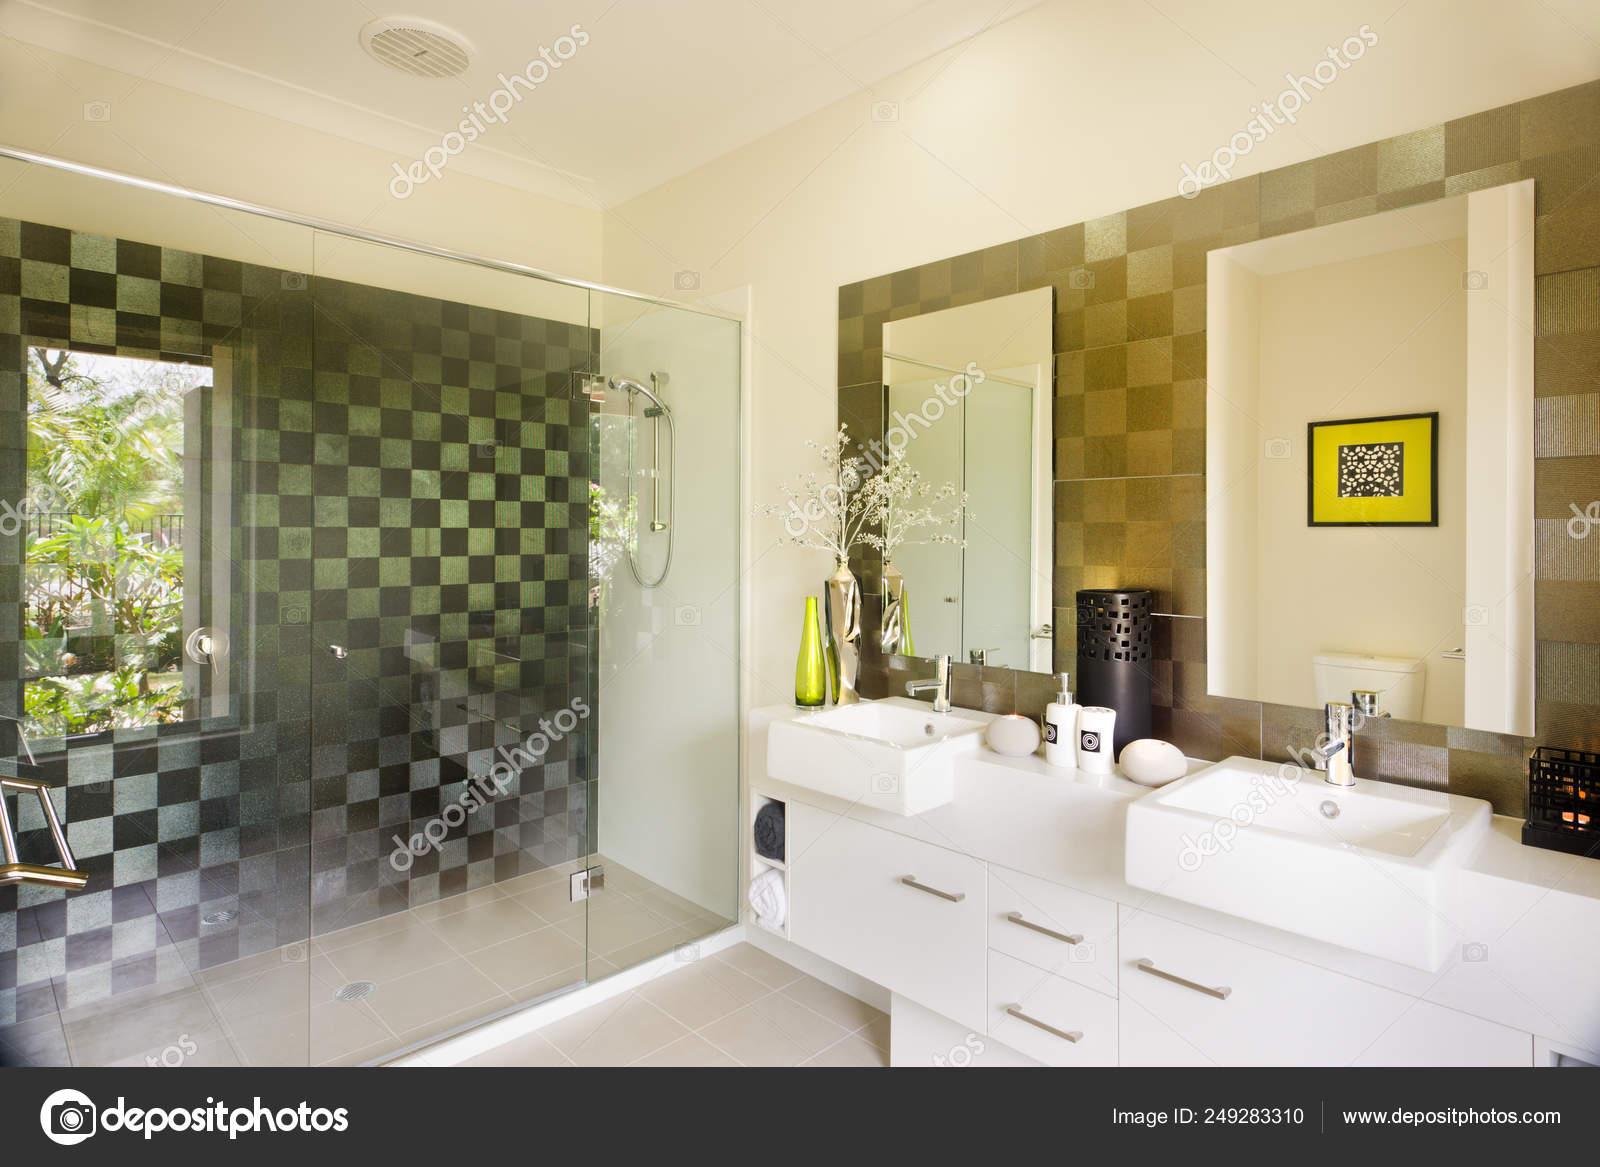 Stijlvolle Moderne Badkamer Met Een Douche Van Glas En